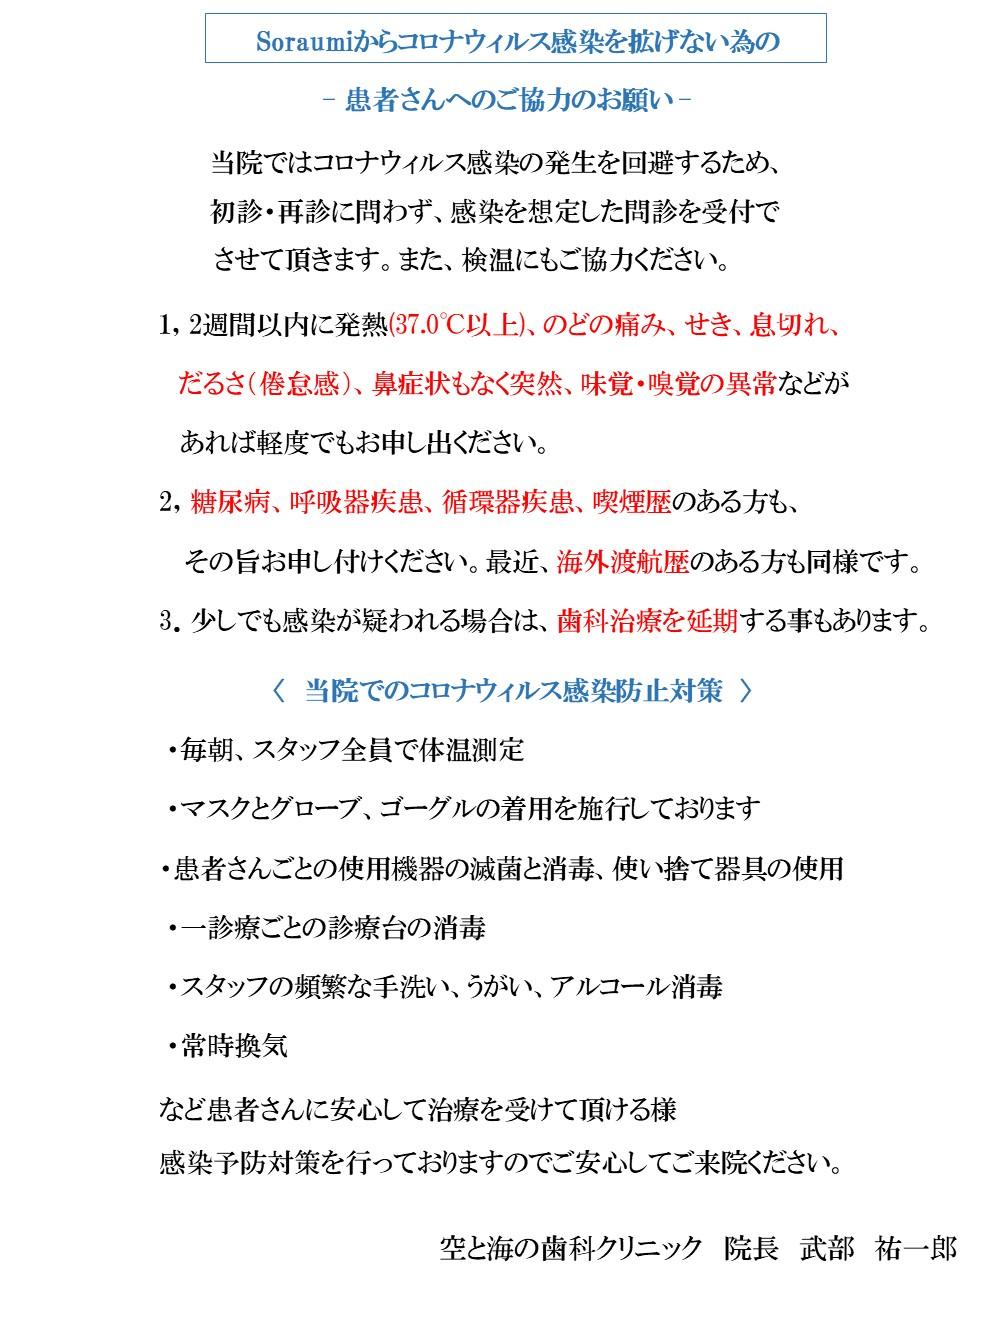 【sora-umiコロナウィルス等感染症予防対策】